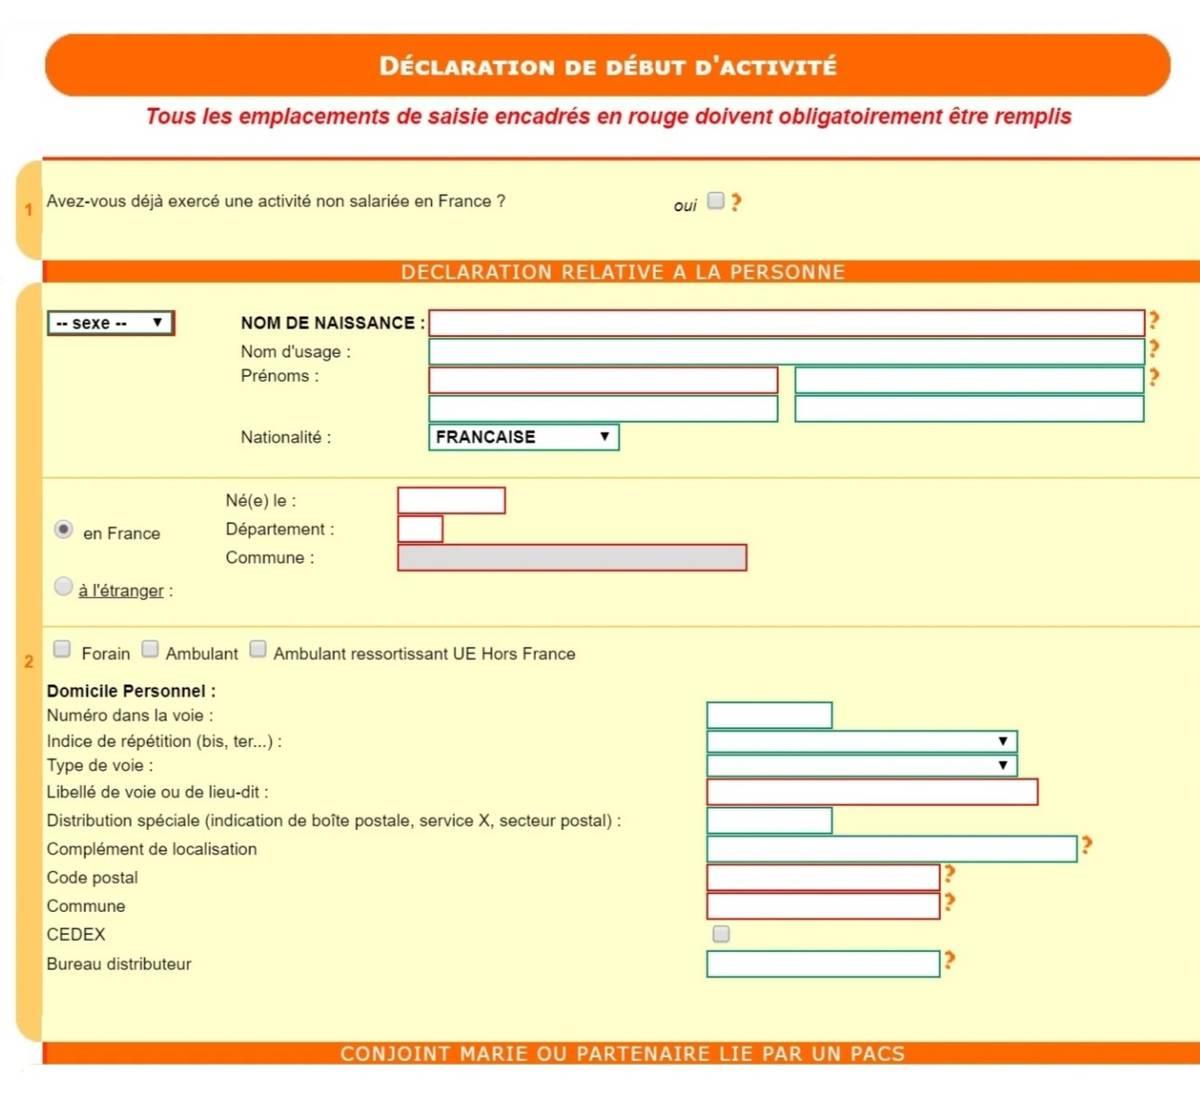 В анкете необходимо указать имя, фамилию, пол, национальность, место рождения, адрес проживания